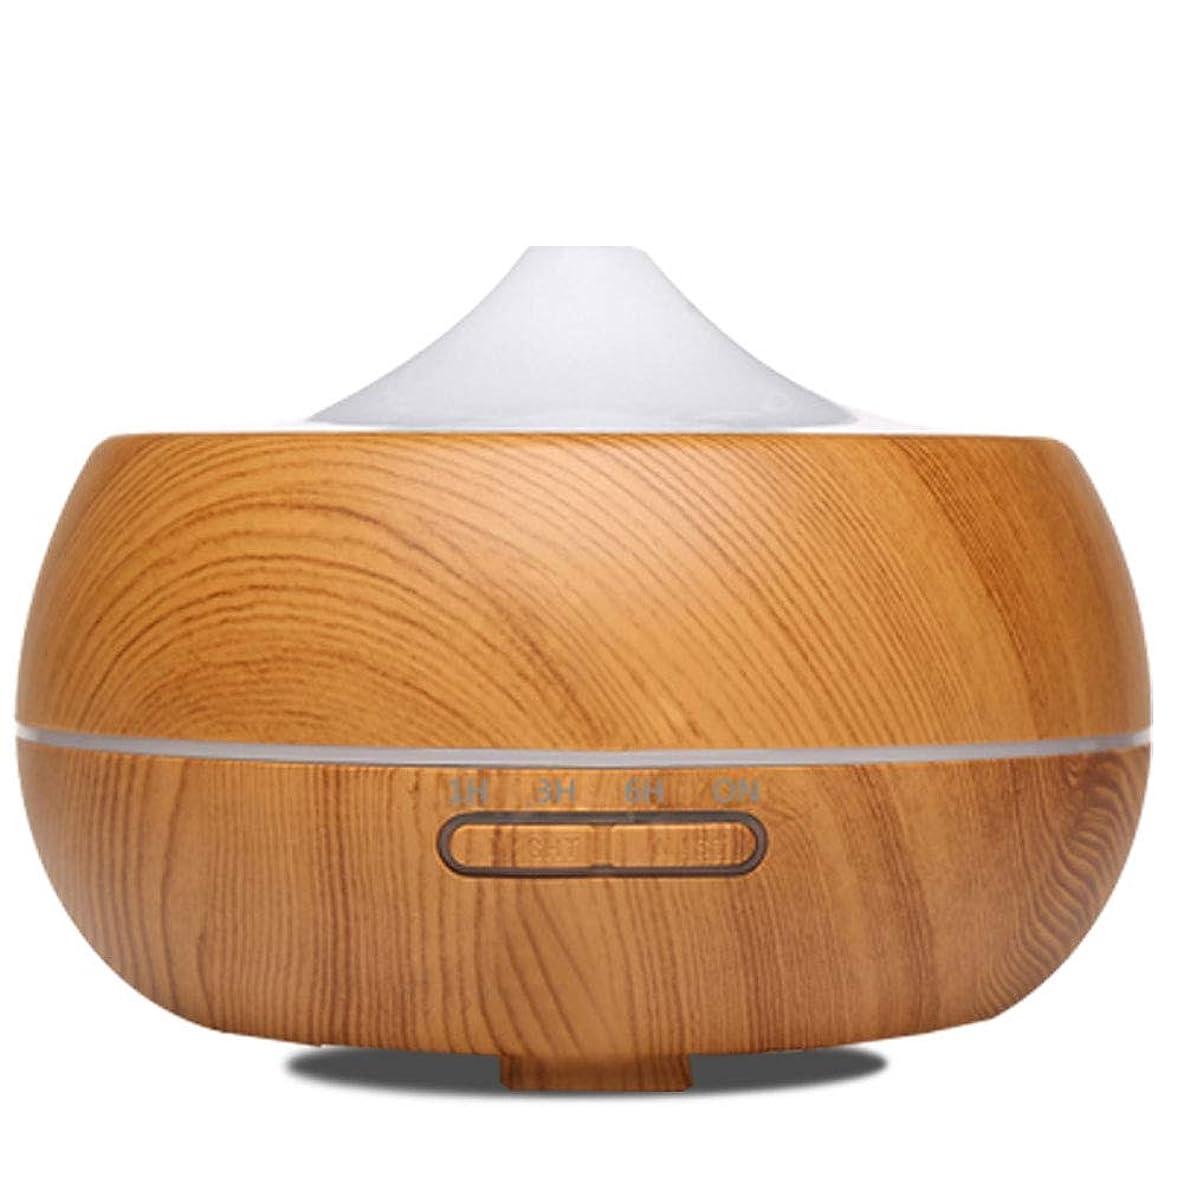 液体セミナーコンベンション300 ml アロマテラピー エッセンシャル オイル ディフューザー, 超音波 涼しい霧 humidmifier アロマディフューザー タイマー付き 7色変換 夜のライト 空焚き防止機能搭載- 17x12cm